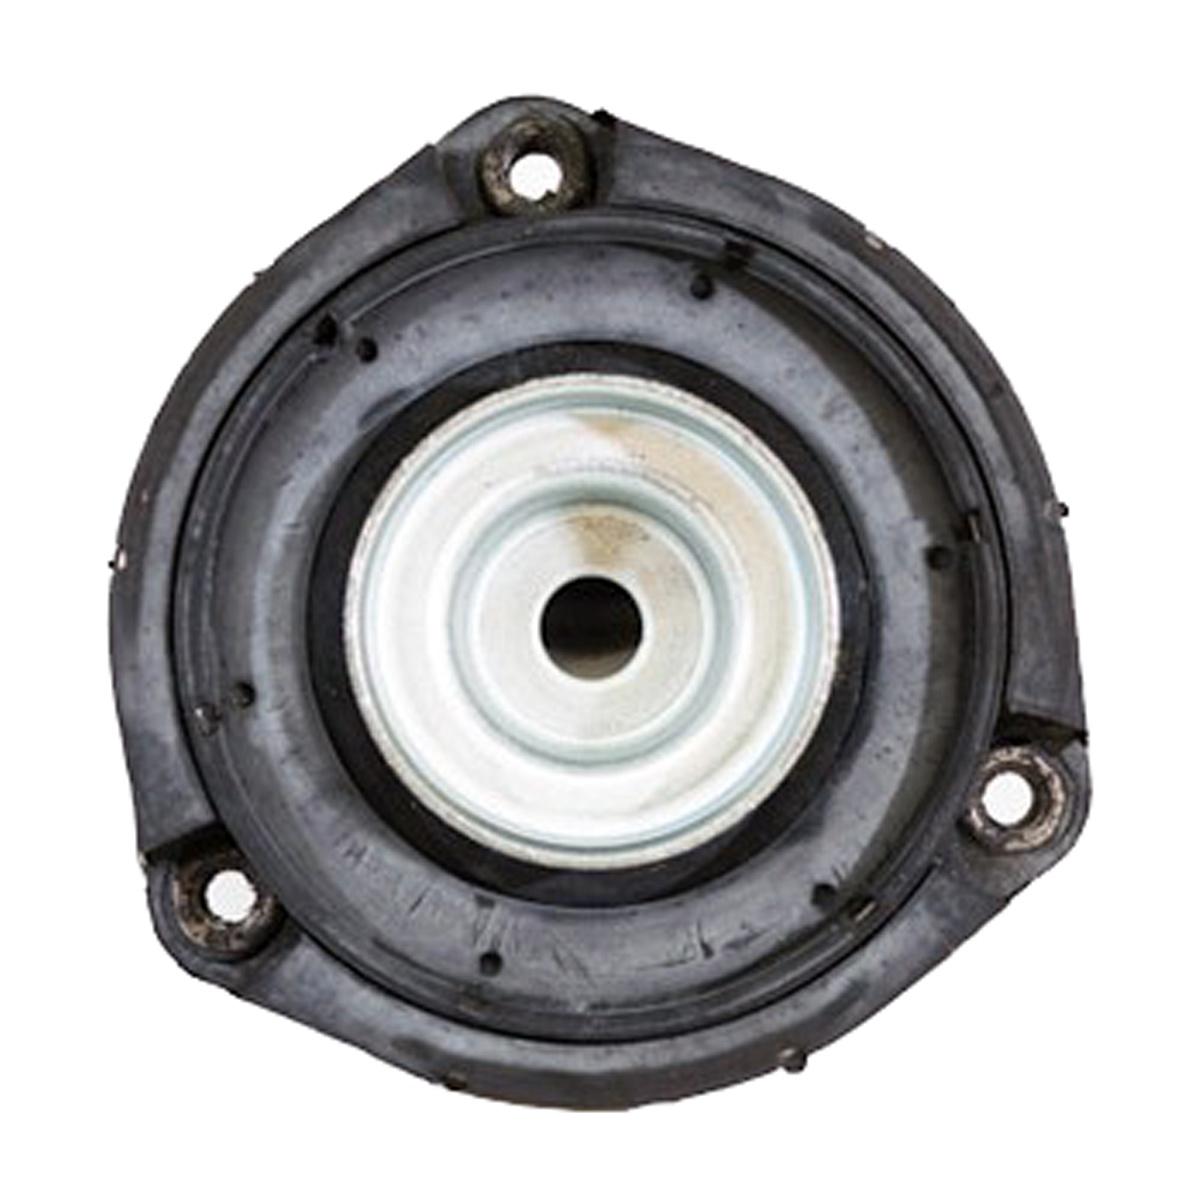 Coxim Superior Amortecedor Dianteiro s/ Rolamento Polo / Fox - W1041 Expedibor